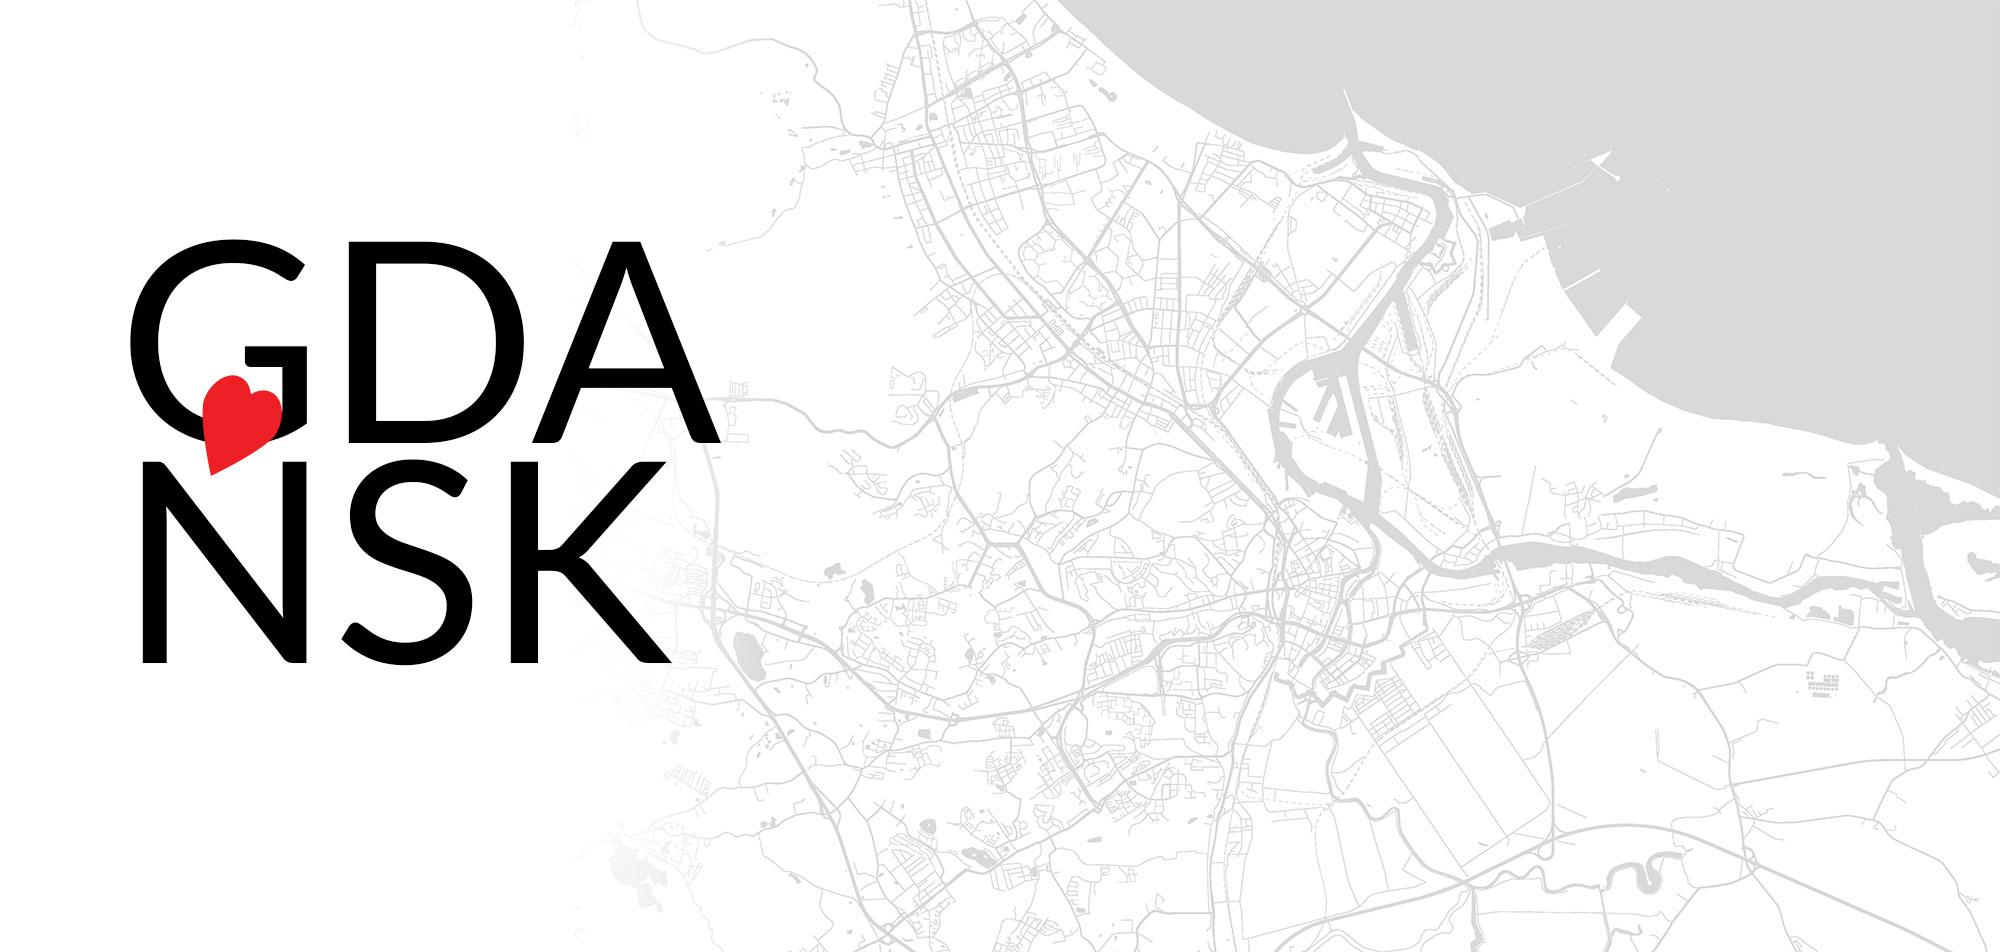 We love Gdańsk